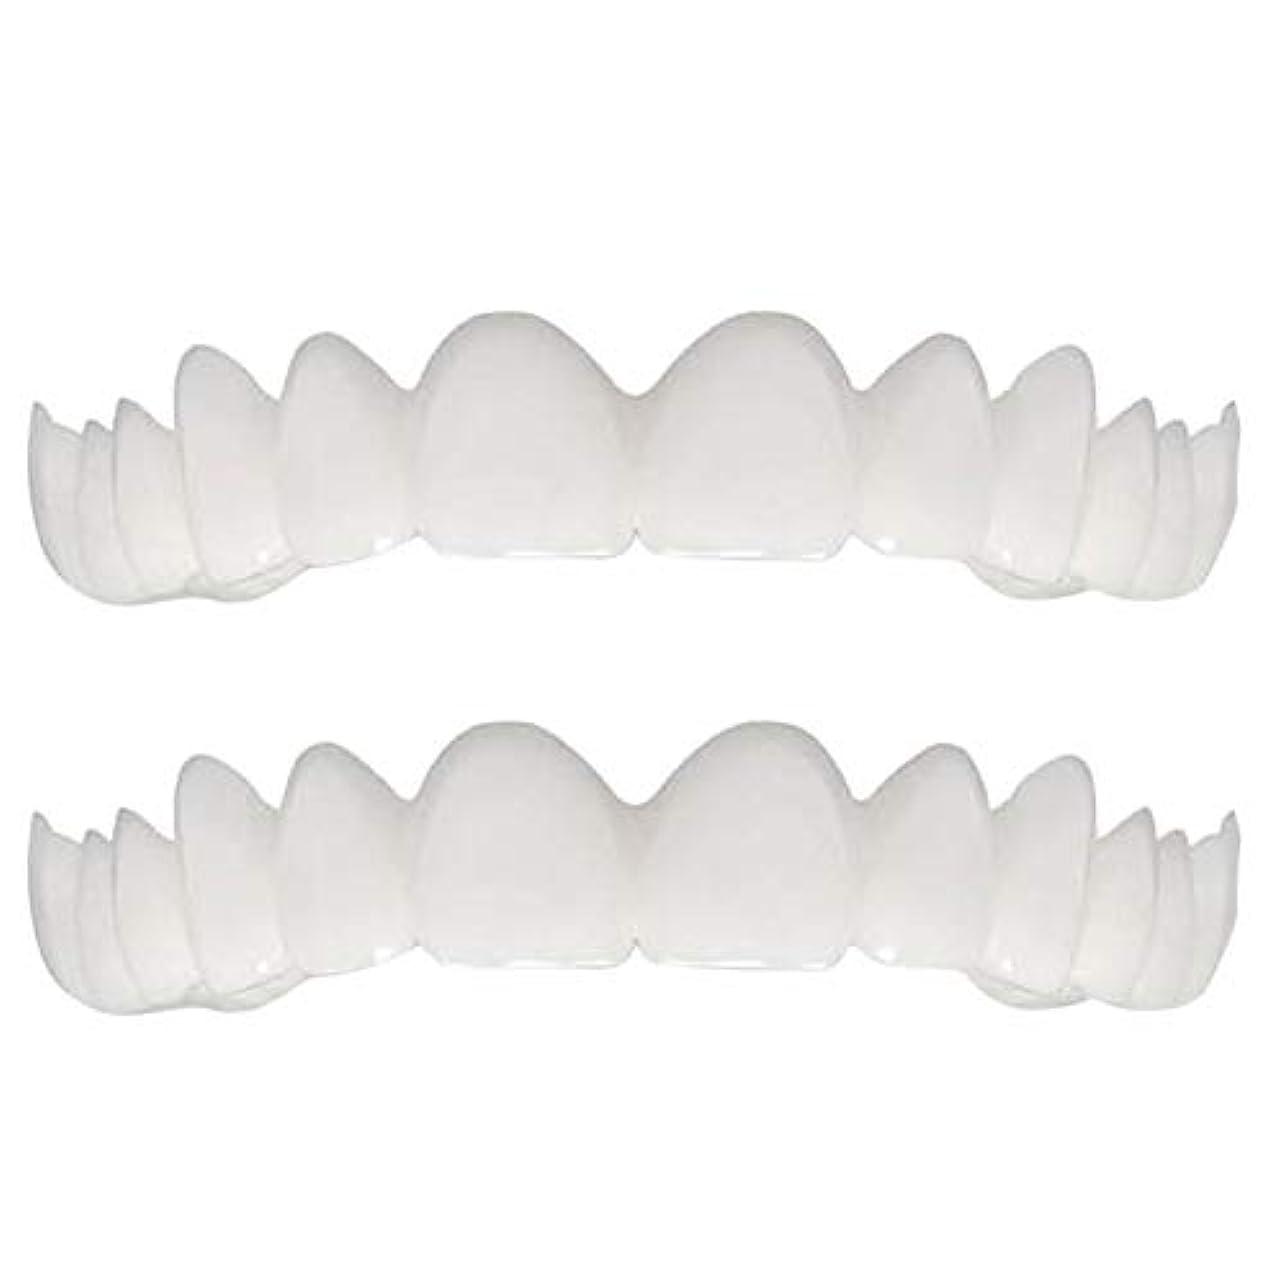 刺激する寄生虫死んでいるシリコーンシミュレーション義歯、上下歯列の白い歯ブレース(1セット),Boxed,UpperLower